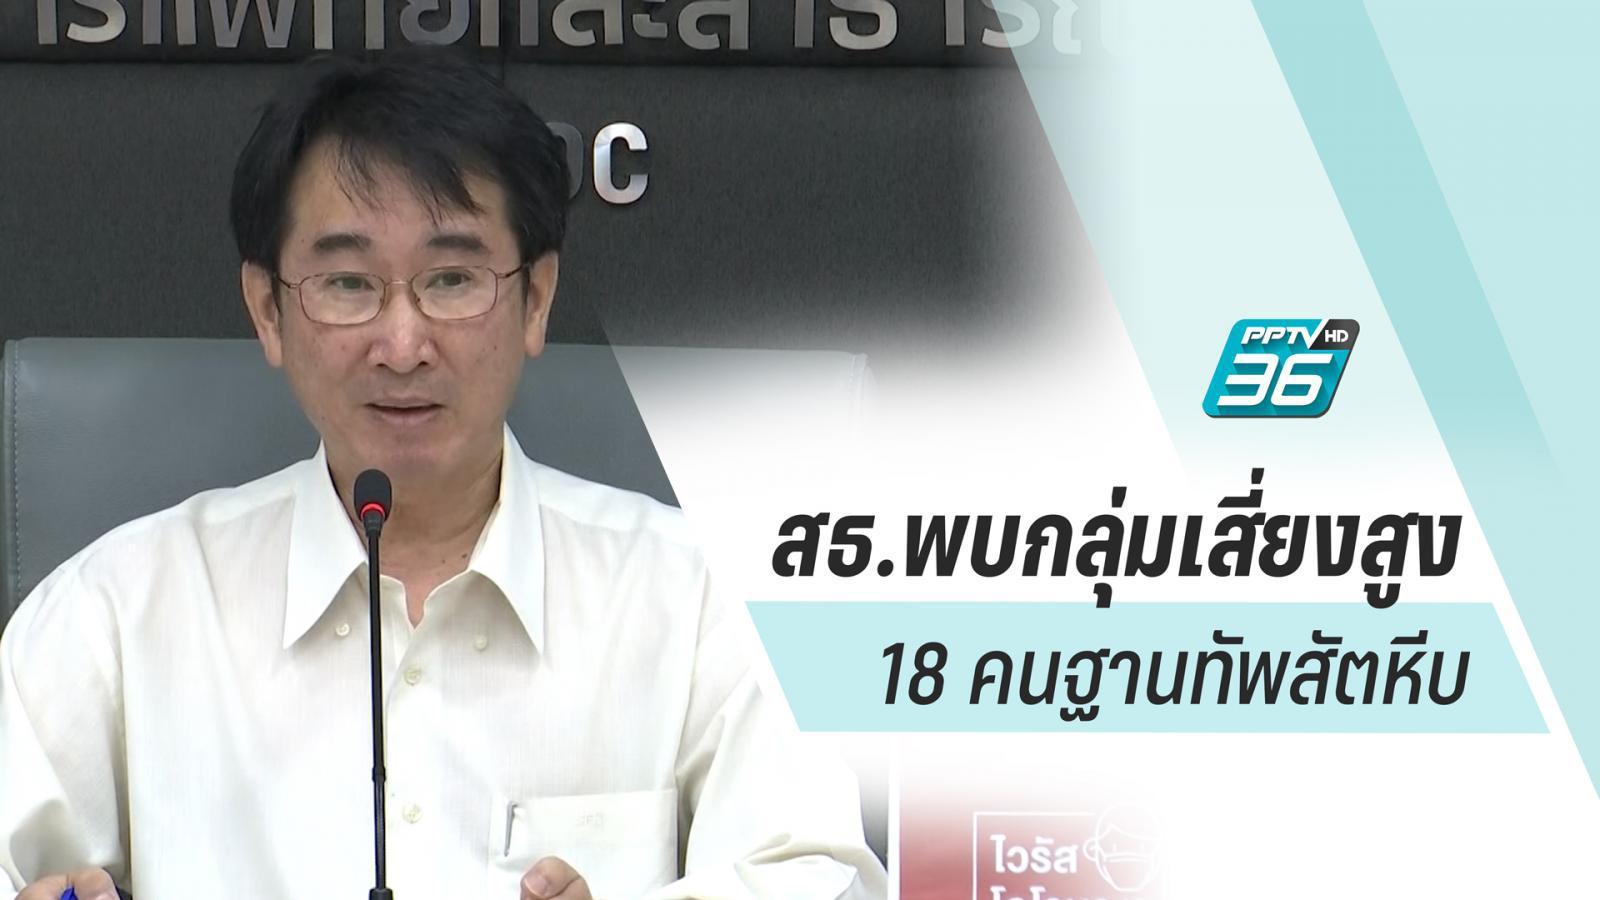 สธ.เผยแรงงานไทยจากเกาหลี รับสังเกตอาการโควิด 19 พบเสี่ยงสูง 8 คน